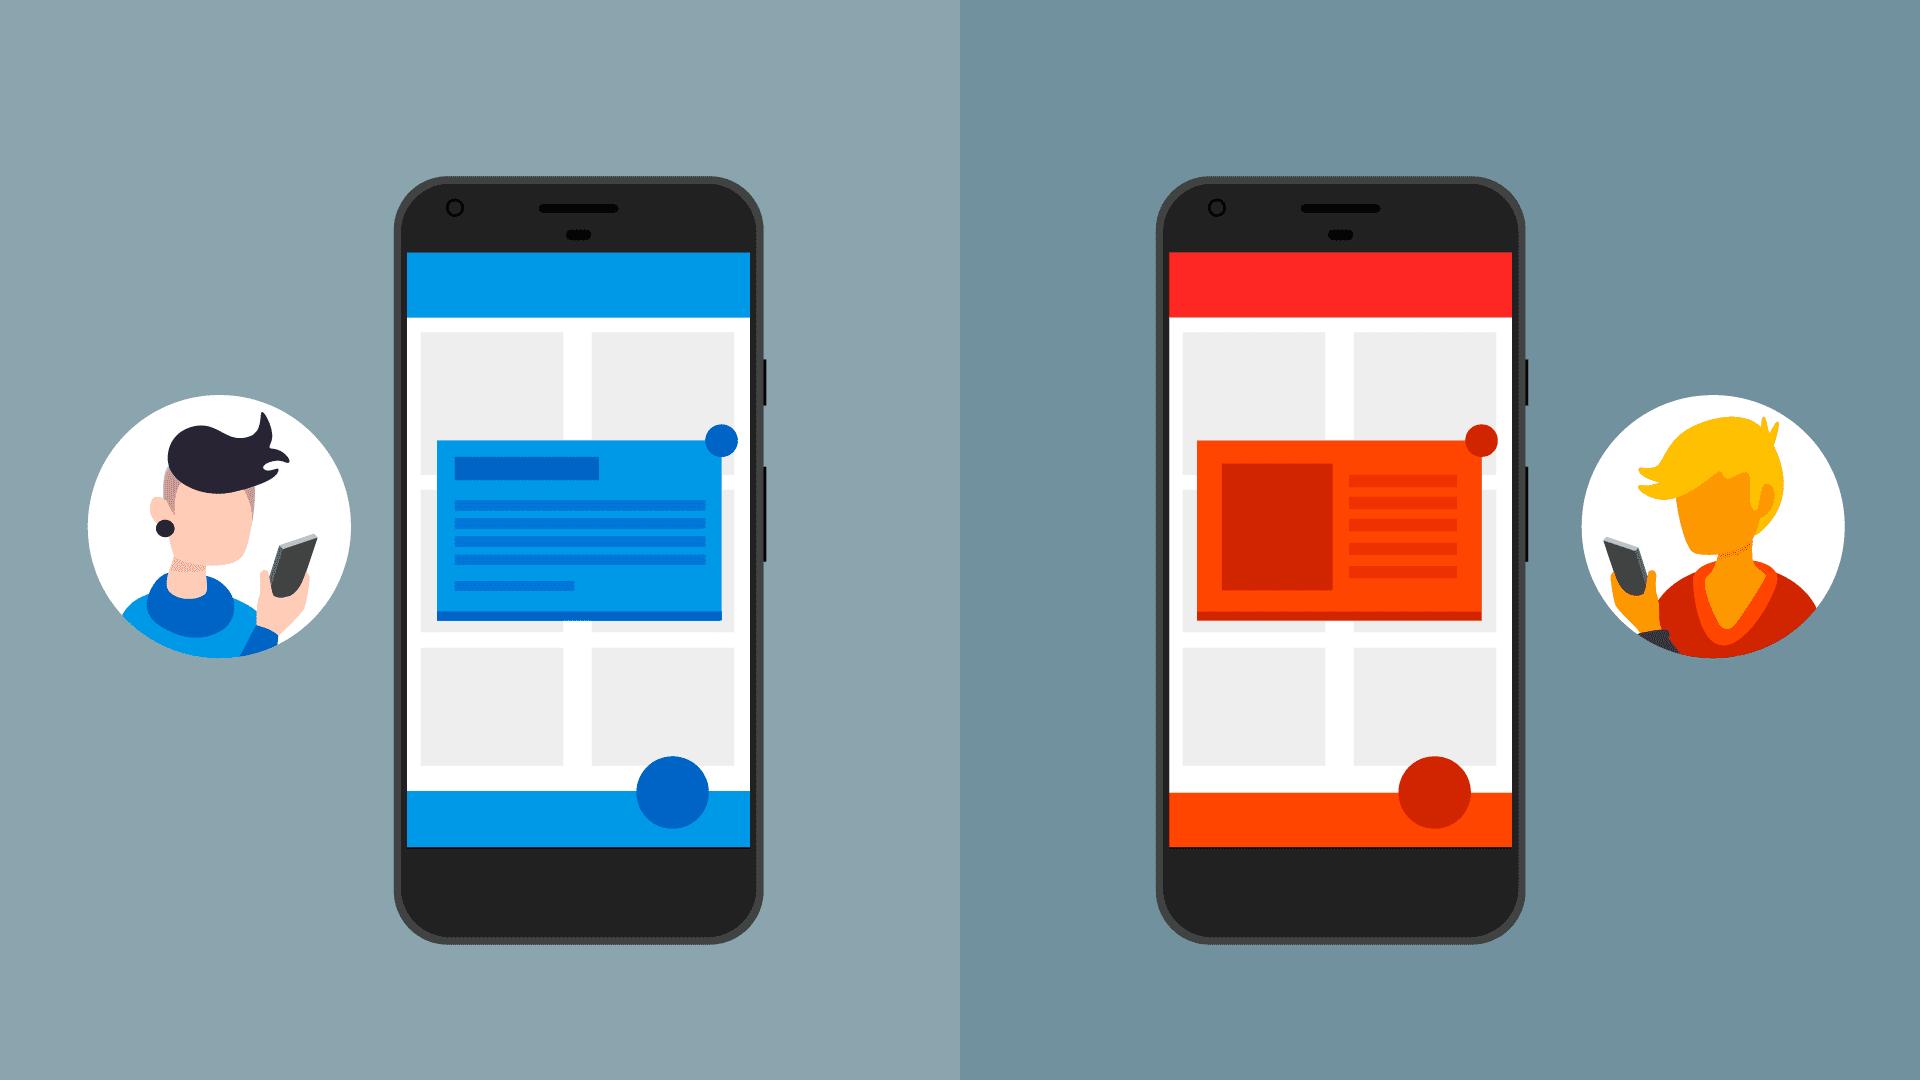 विभिन्न शैलियों के साथ दो-इन-ऐप संदेश